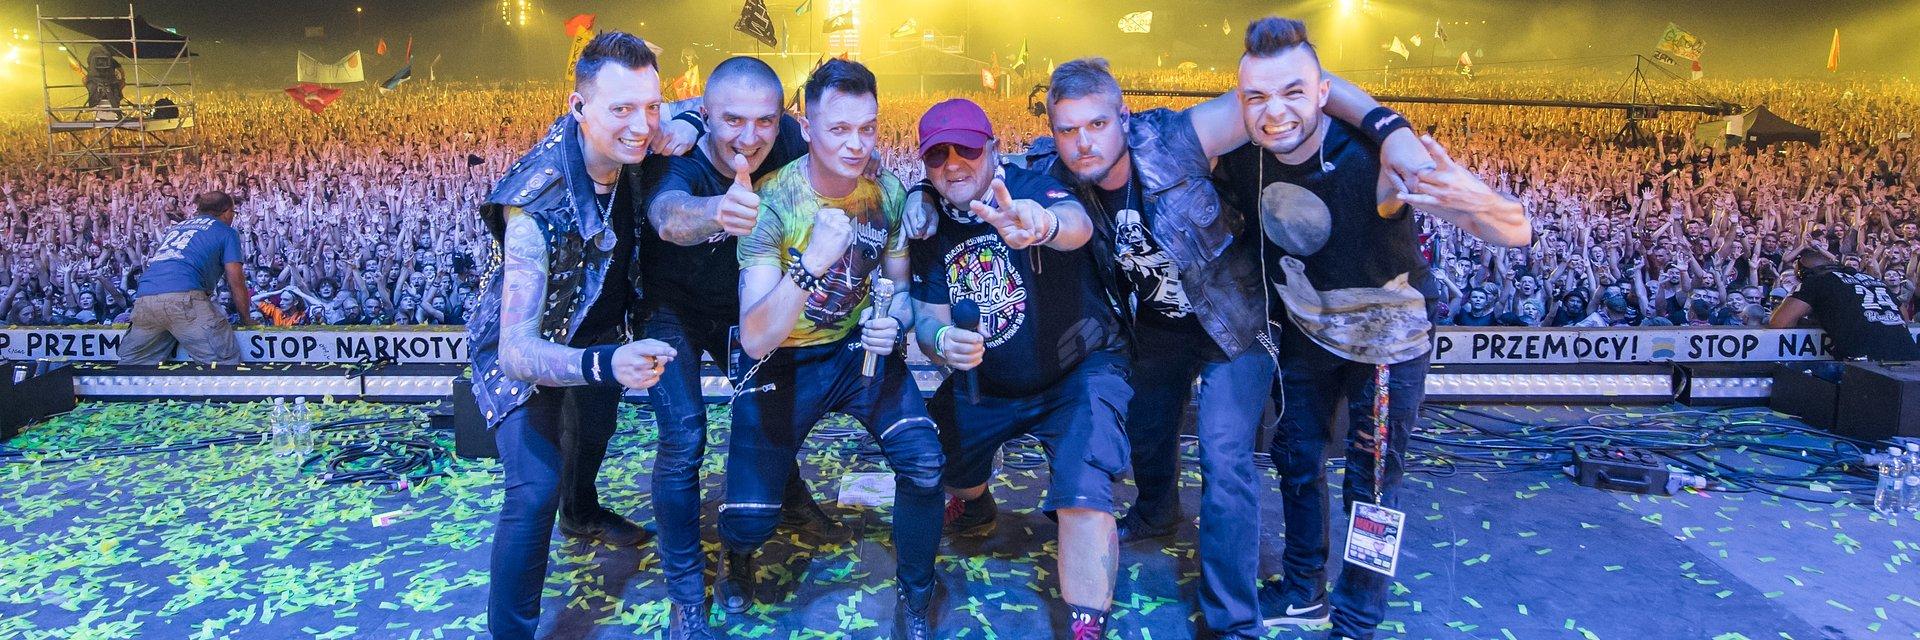 Wierni Zdrajcom Metalu – Nocny Kochanek spotka się online z Najpiękniejszą Publicznością Świata